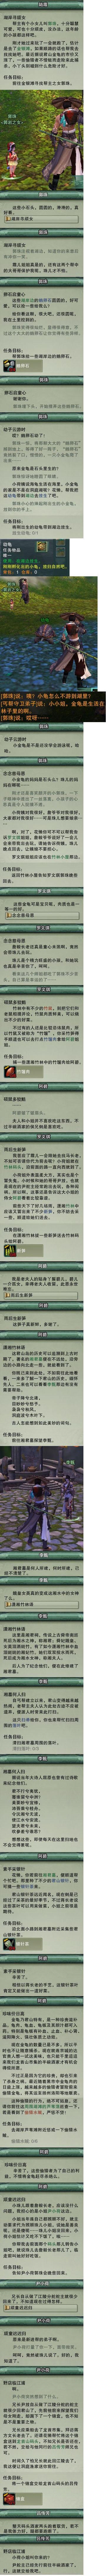 主线任务03 - 郭珠 & 湘君墓.jpg